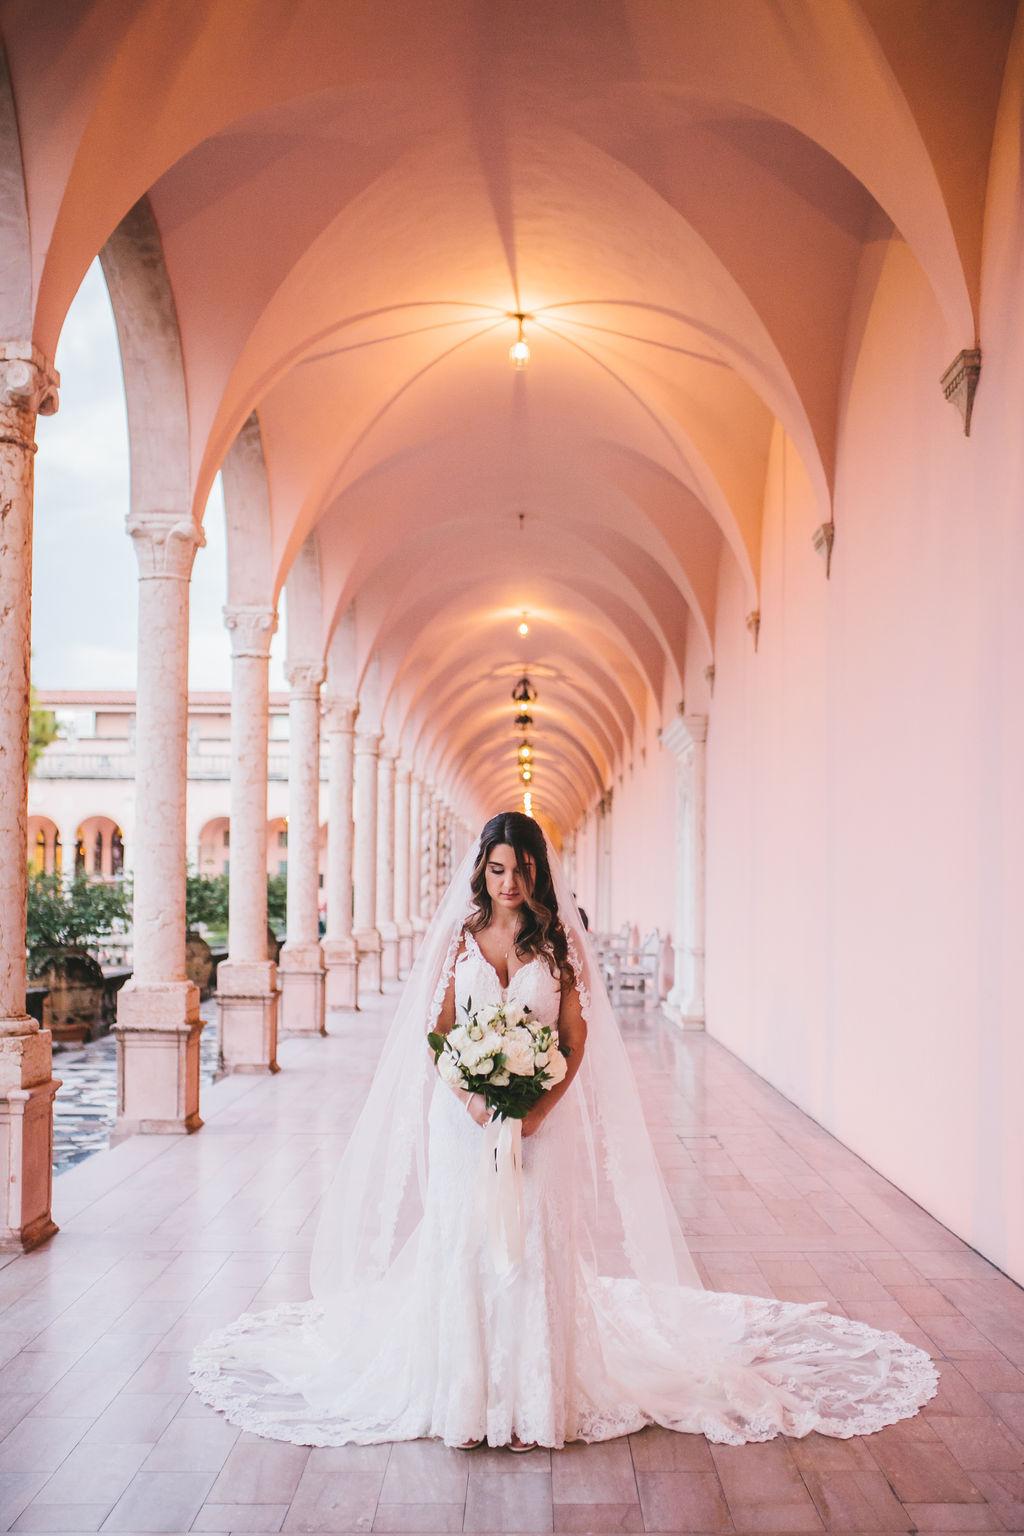 santa rosa beach bridal shop.jpg